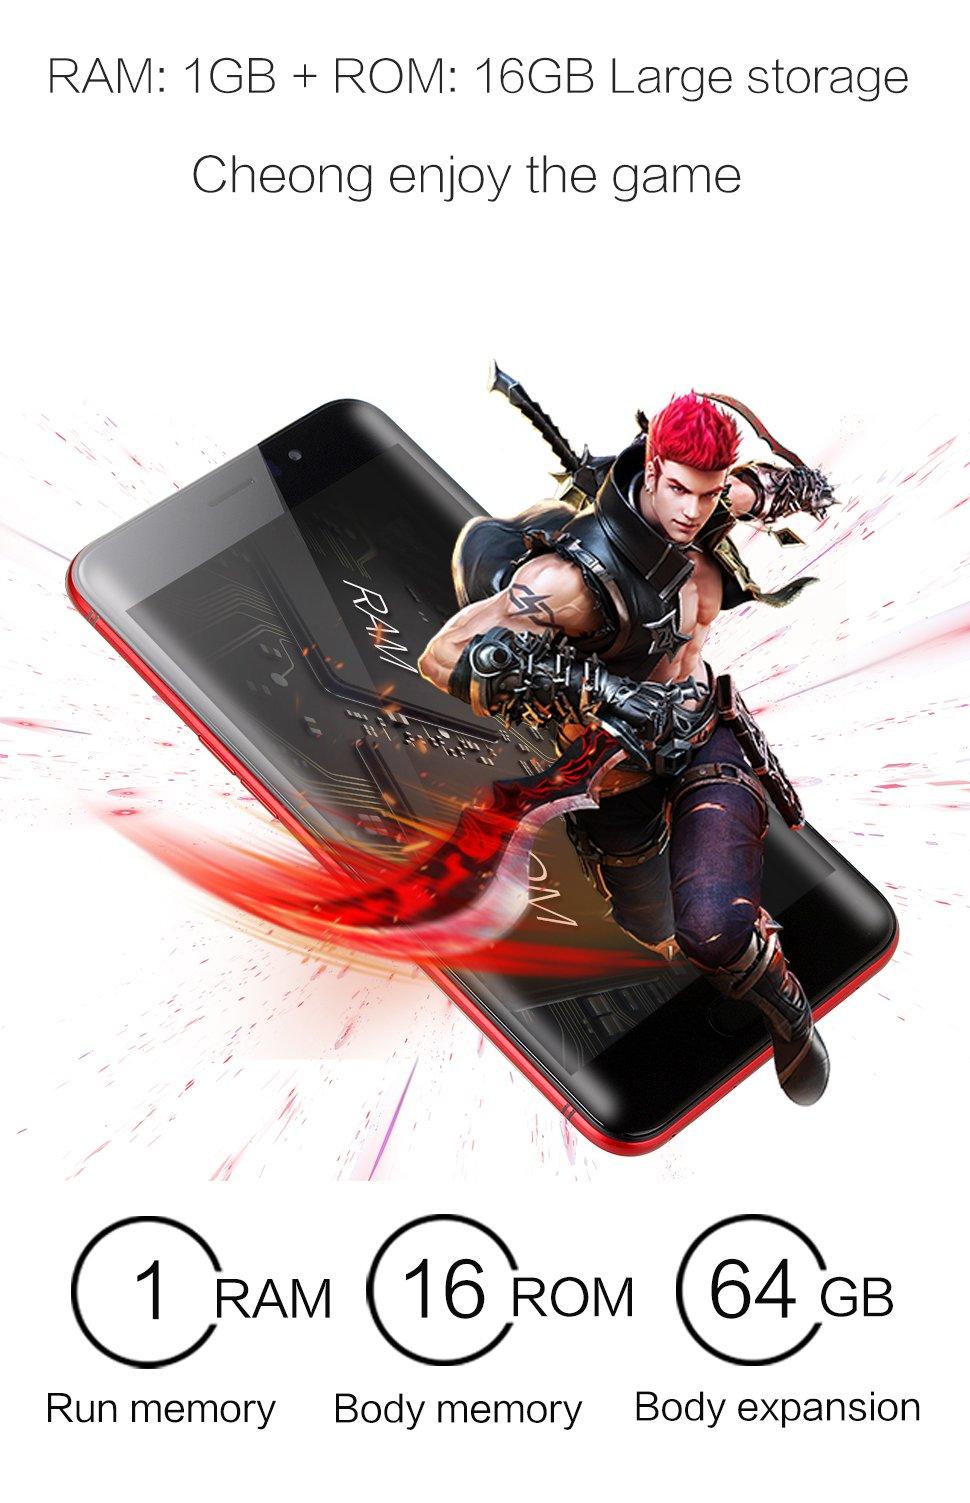 SORAKA Smartphone débloqué MTK6580A 5,5 pouces ROM 16 Go + RAM 1 Go Carte mémoire 64G Android 5.1 Appareil photo (5MP + 8MP) (Noir)